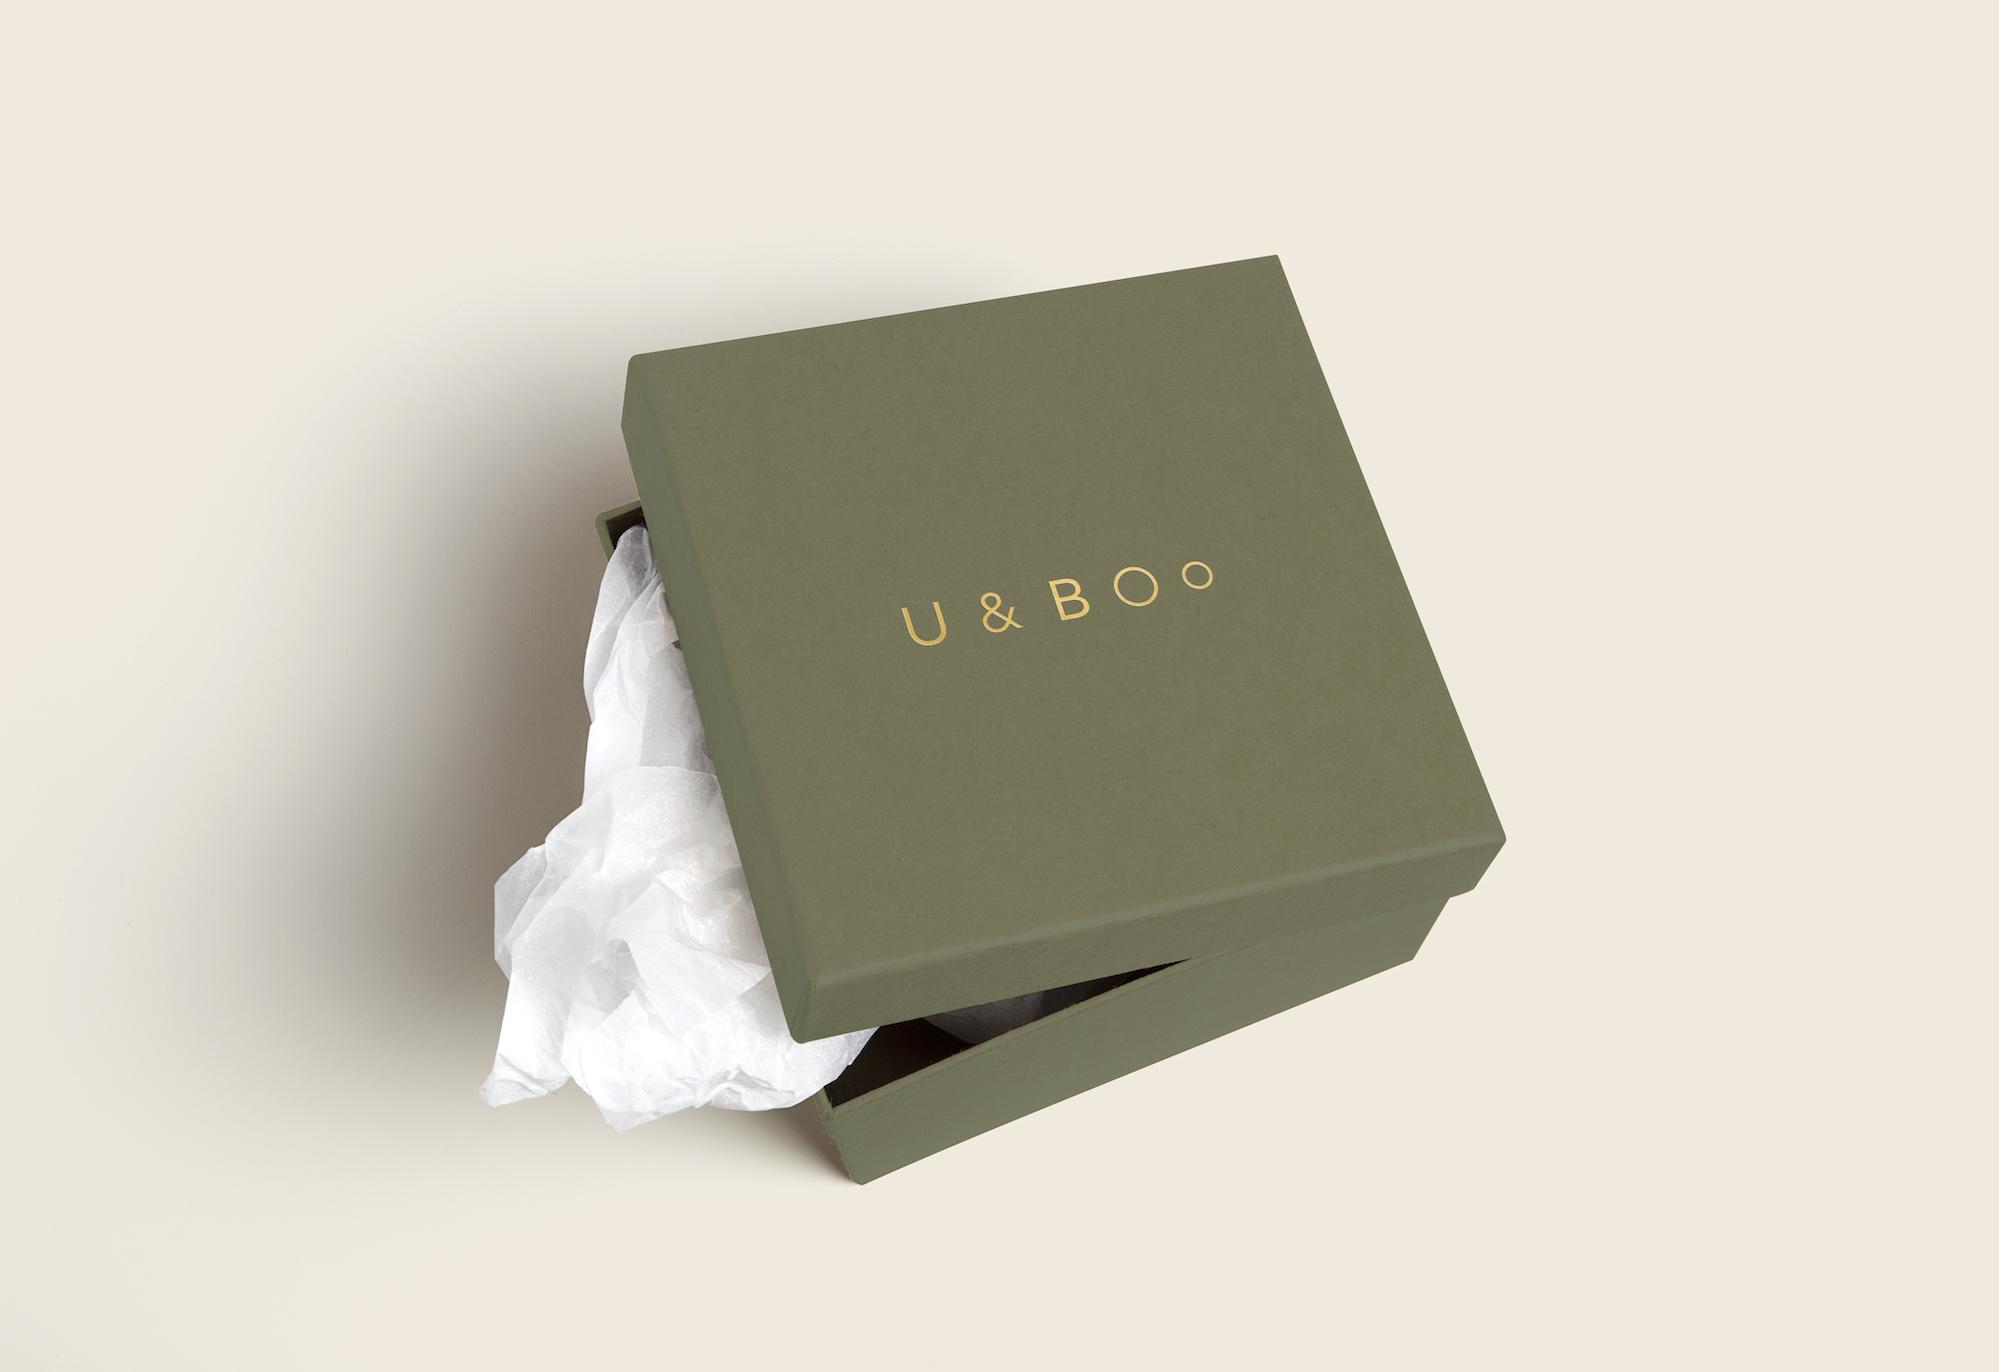 U&Boo-Box-mockup.jpg